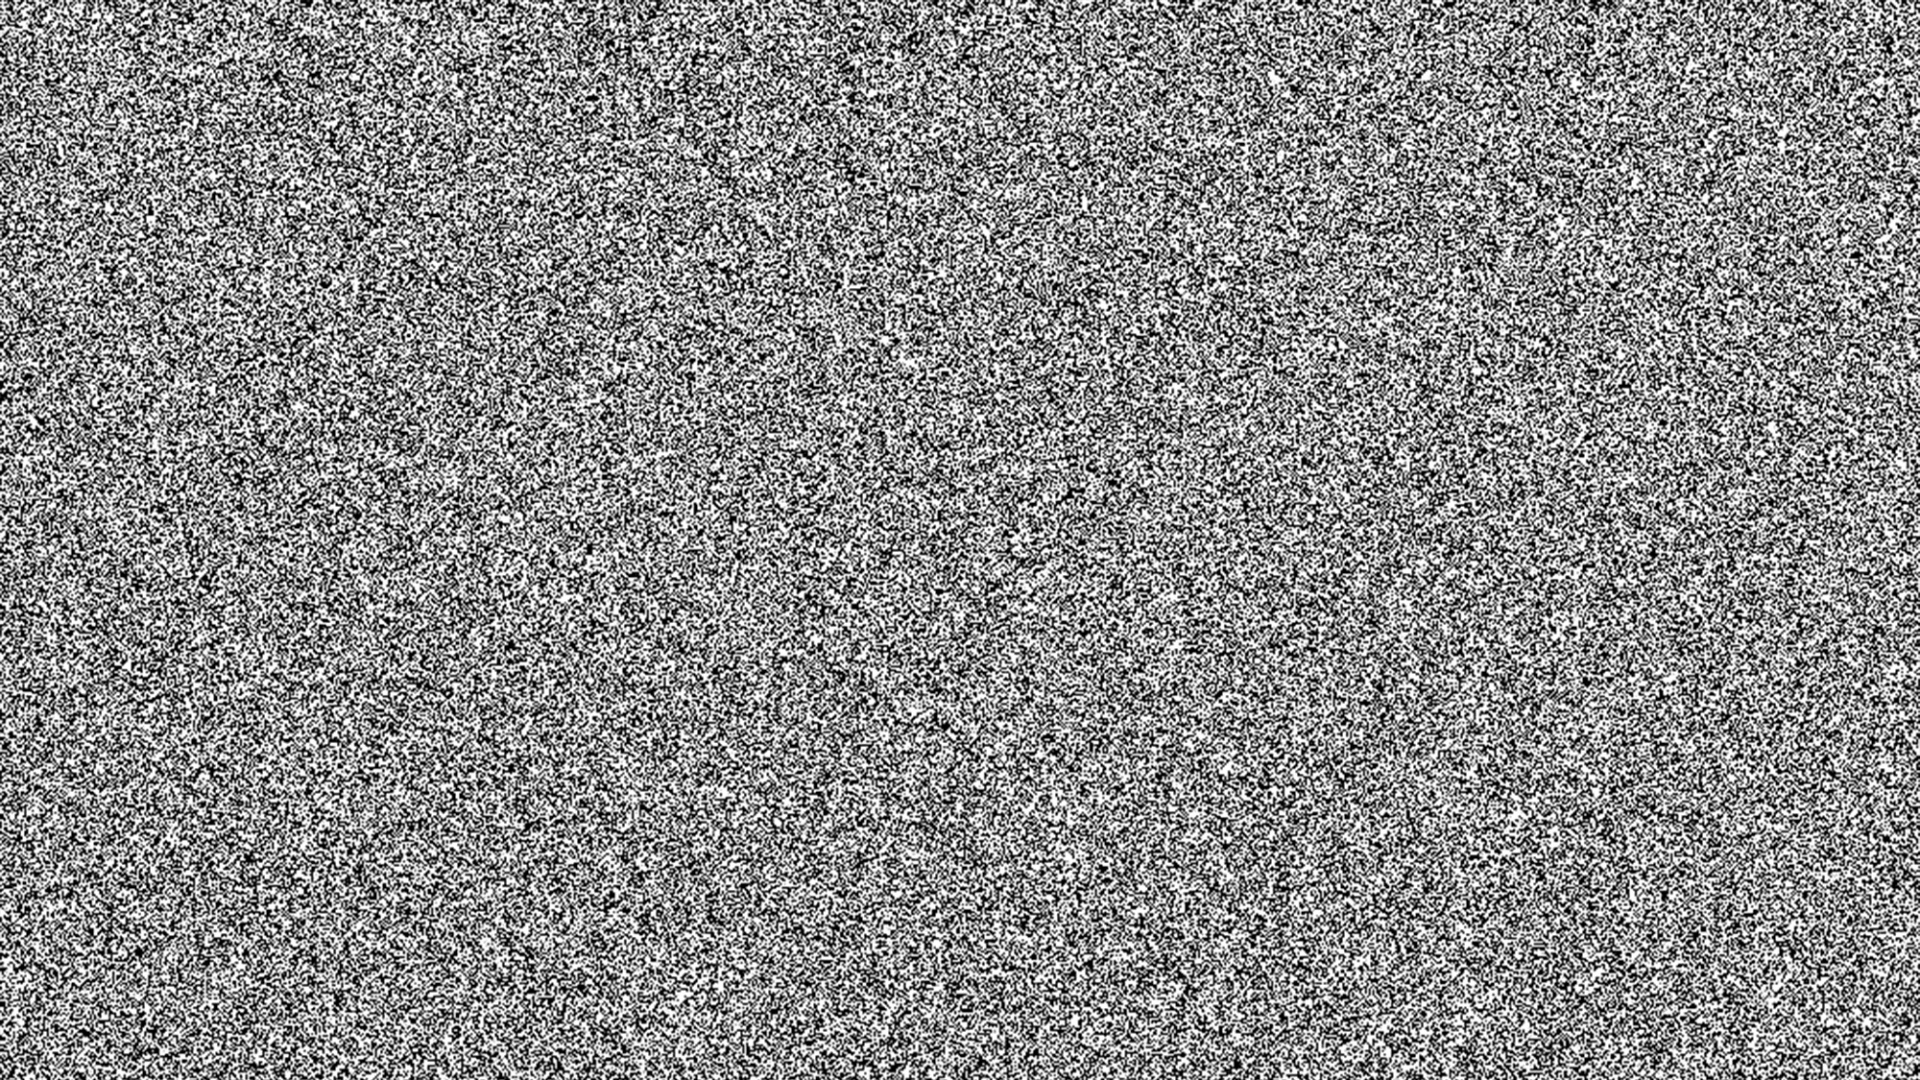 Le bruit blanc peut aider à s'endormir, mais on ne sait toujours pas ...